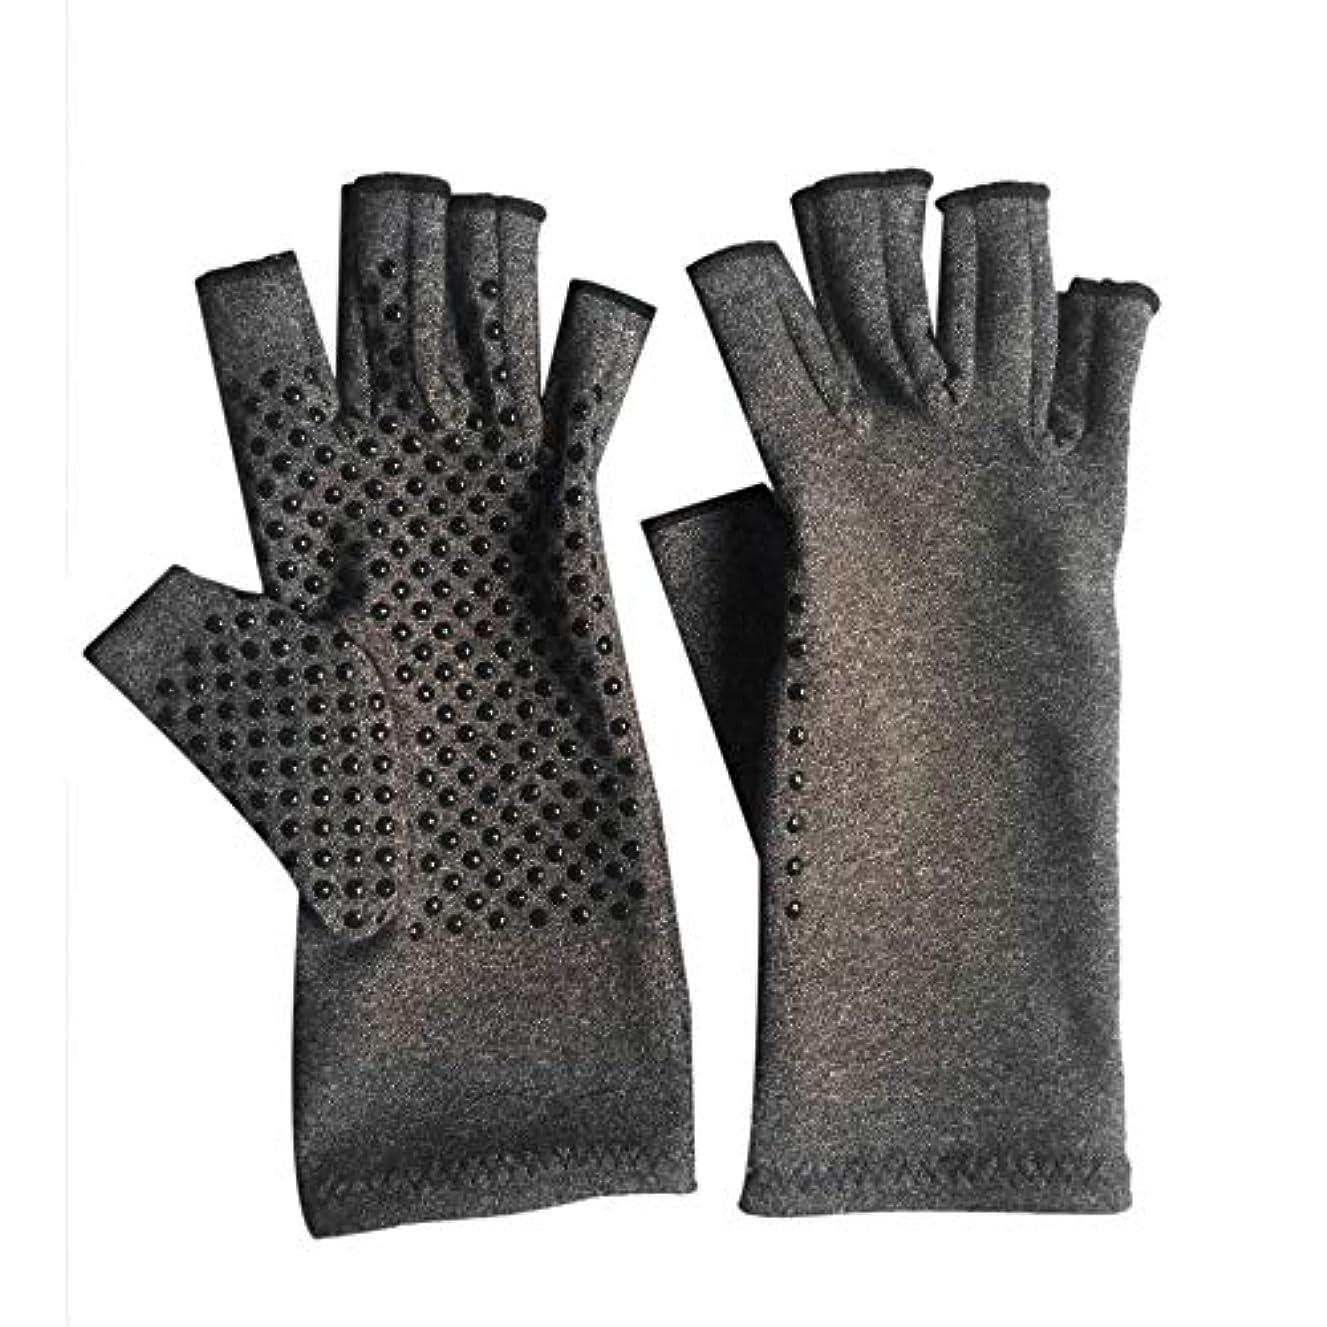 眉正義トークン1ペアユニセックス男性女性療法圧縮手袋関節炎関節痛緩和ヘルスケア半指手袋トレーニング手袋 - グレーM